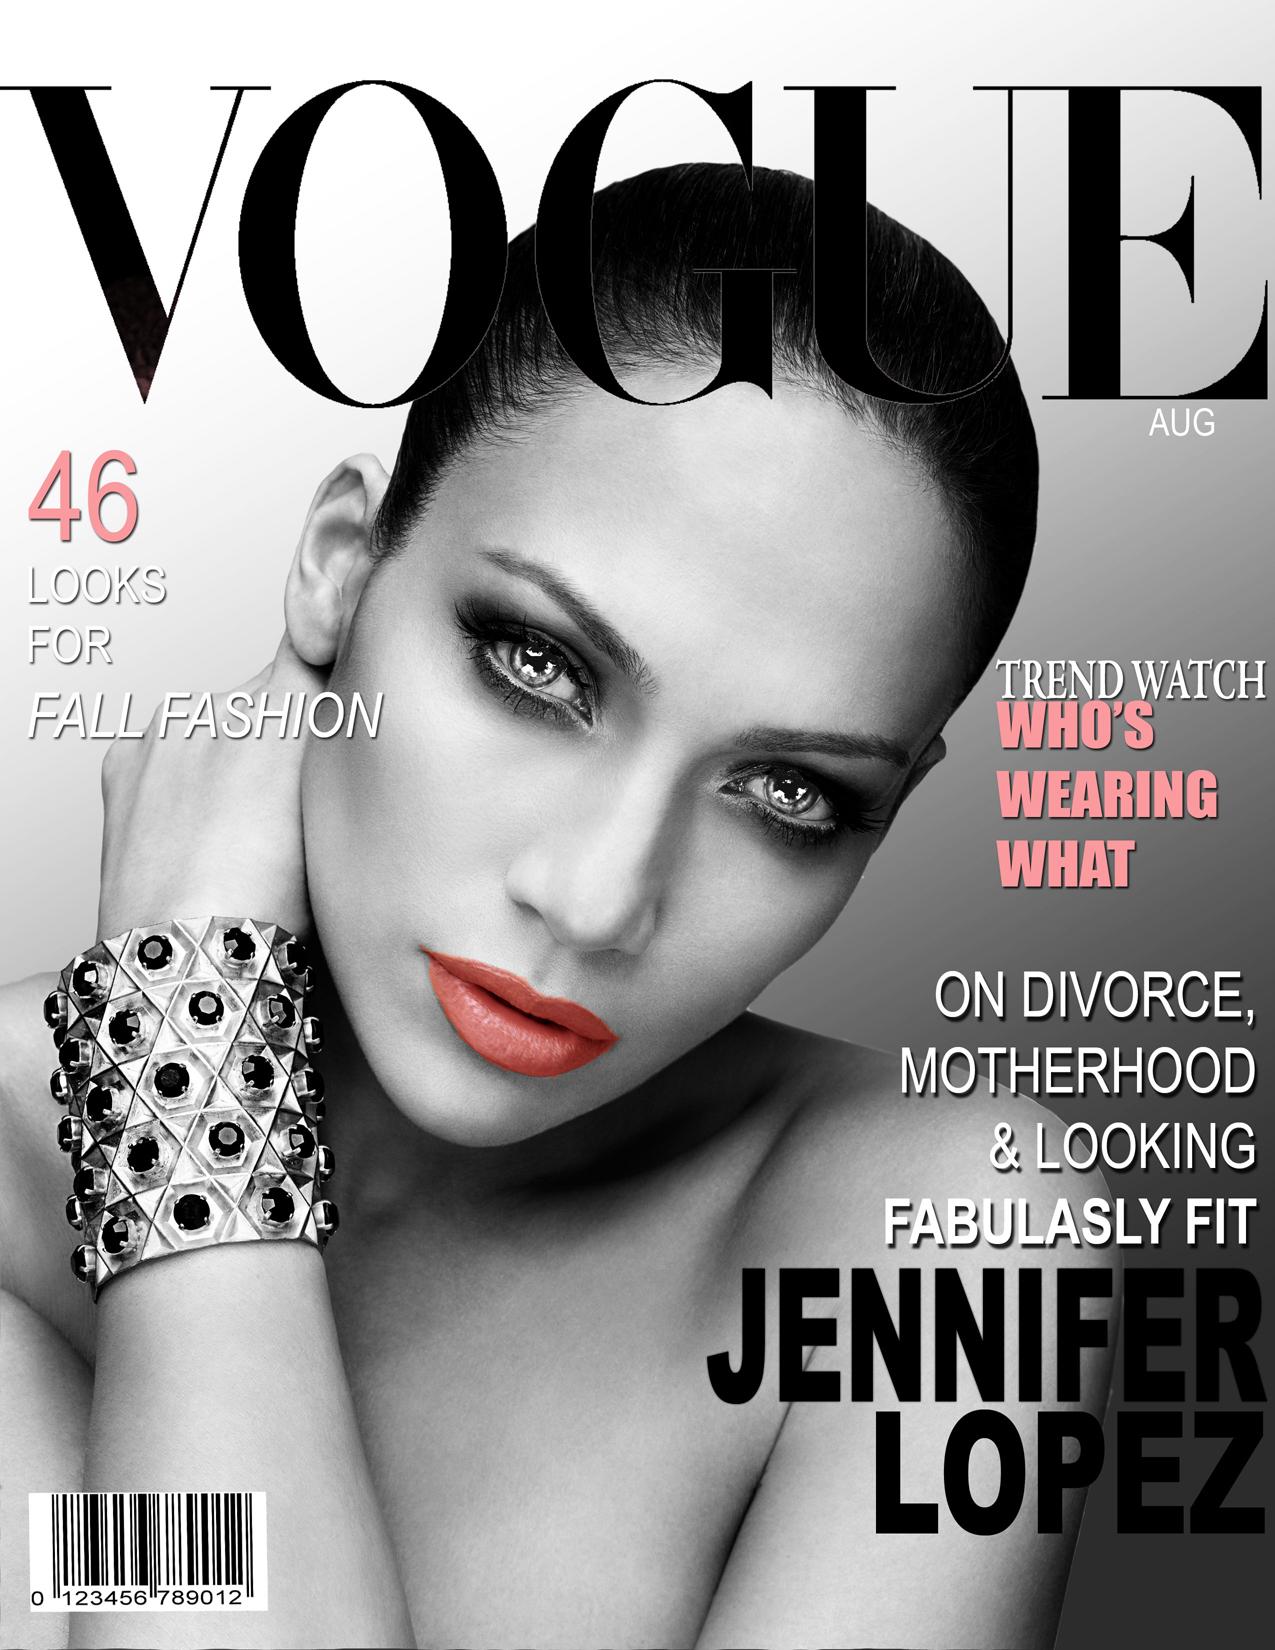 Magazine Cover Design - Cima Khademi